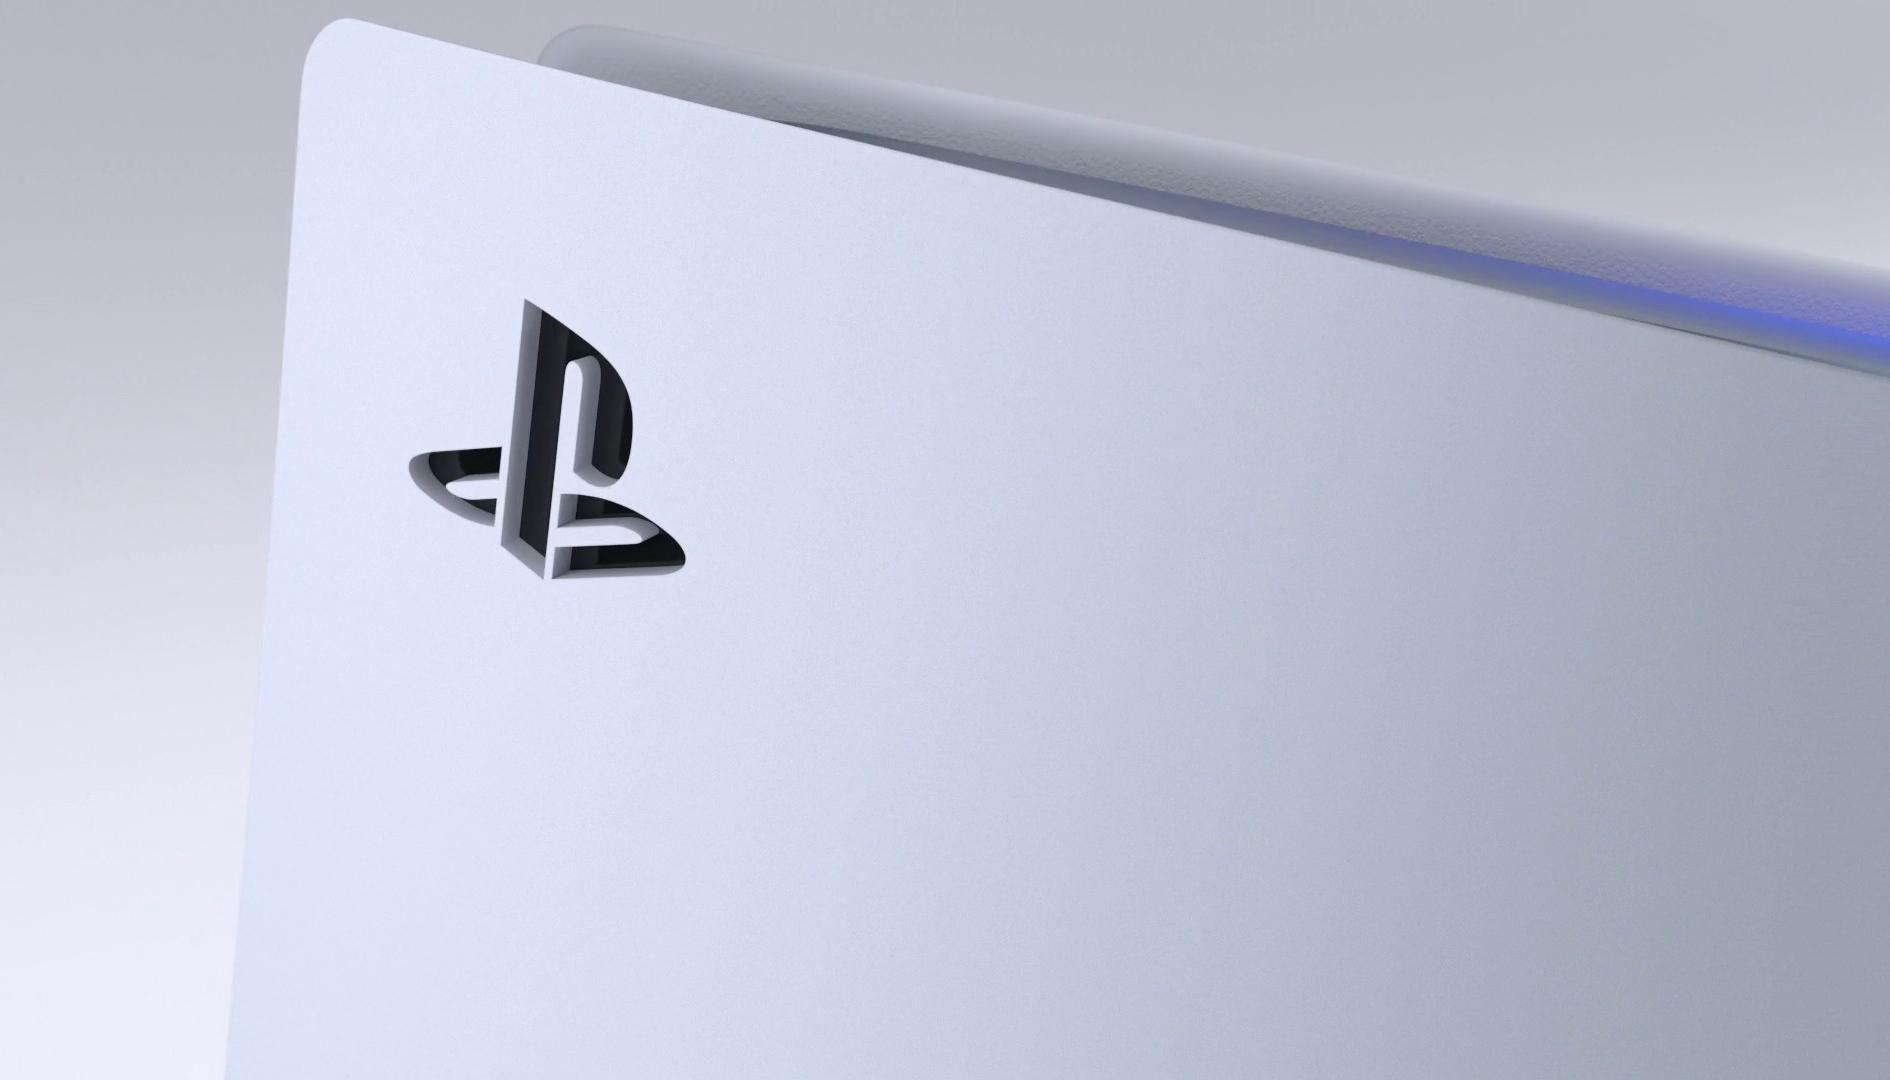 PS5 e scarsità di chip: Sony ha la soluzione per aumentare le scorte